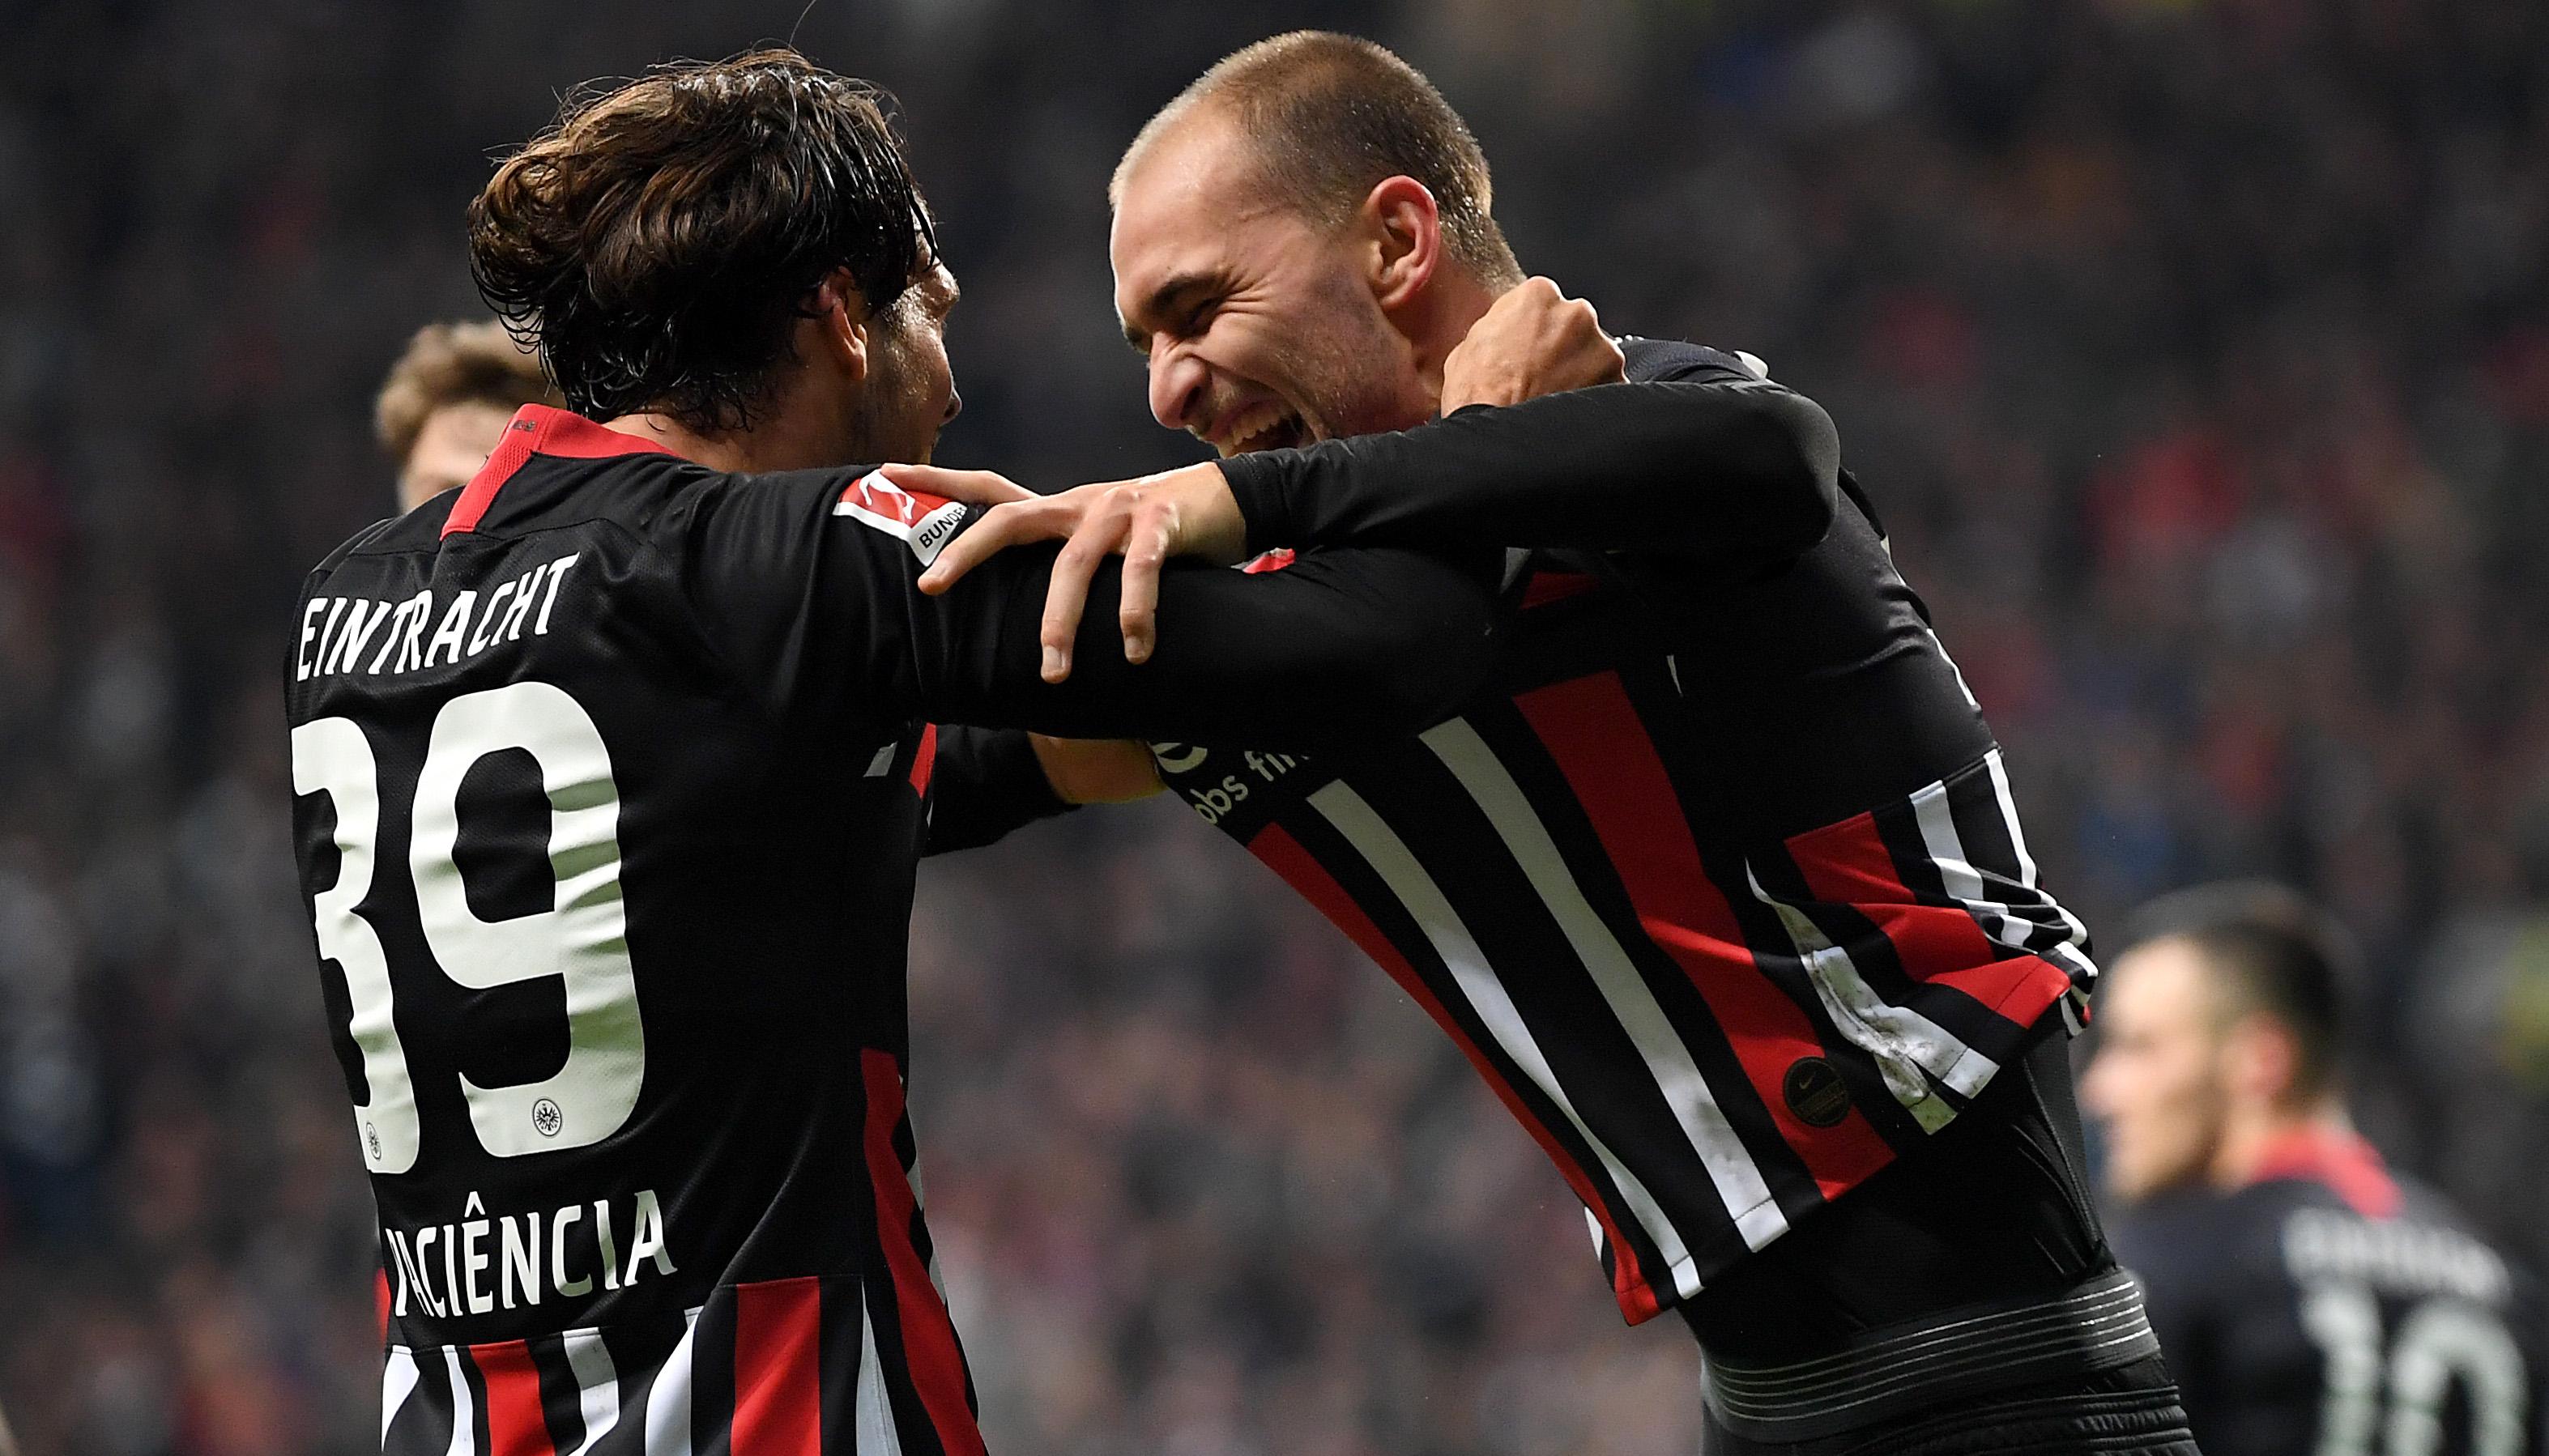 Eintracht Frankfurt – Standard Lüttich: Eine Negativserie endet